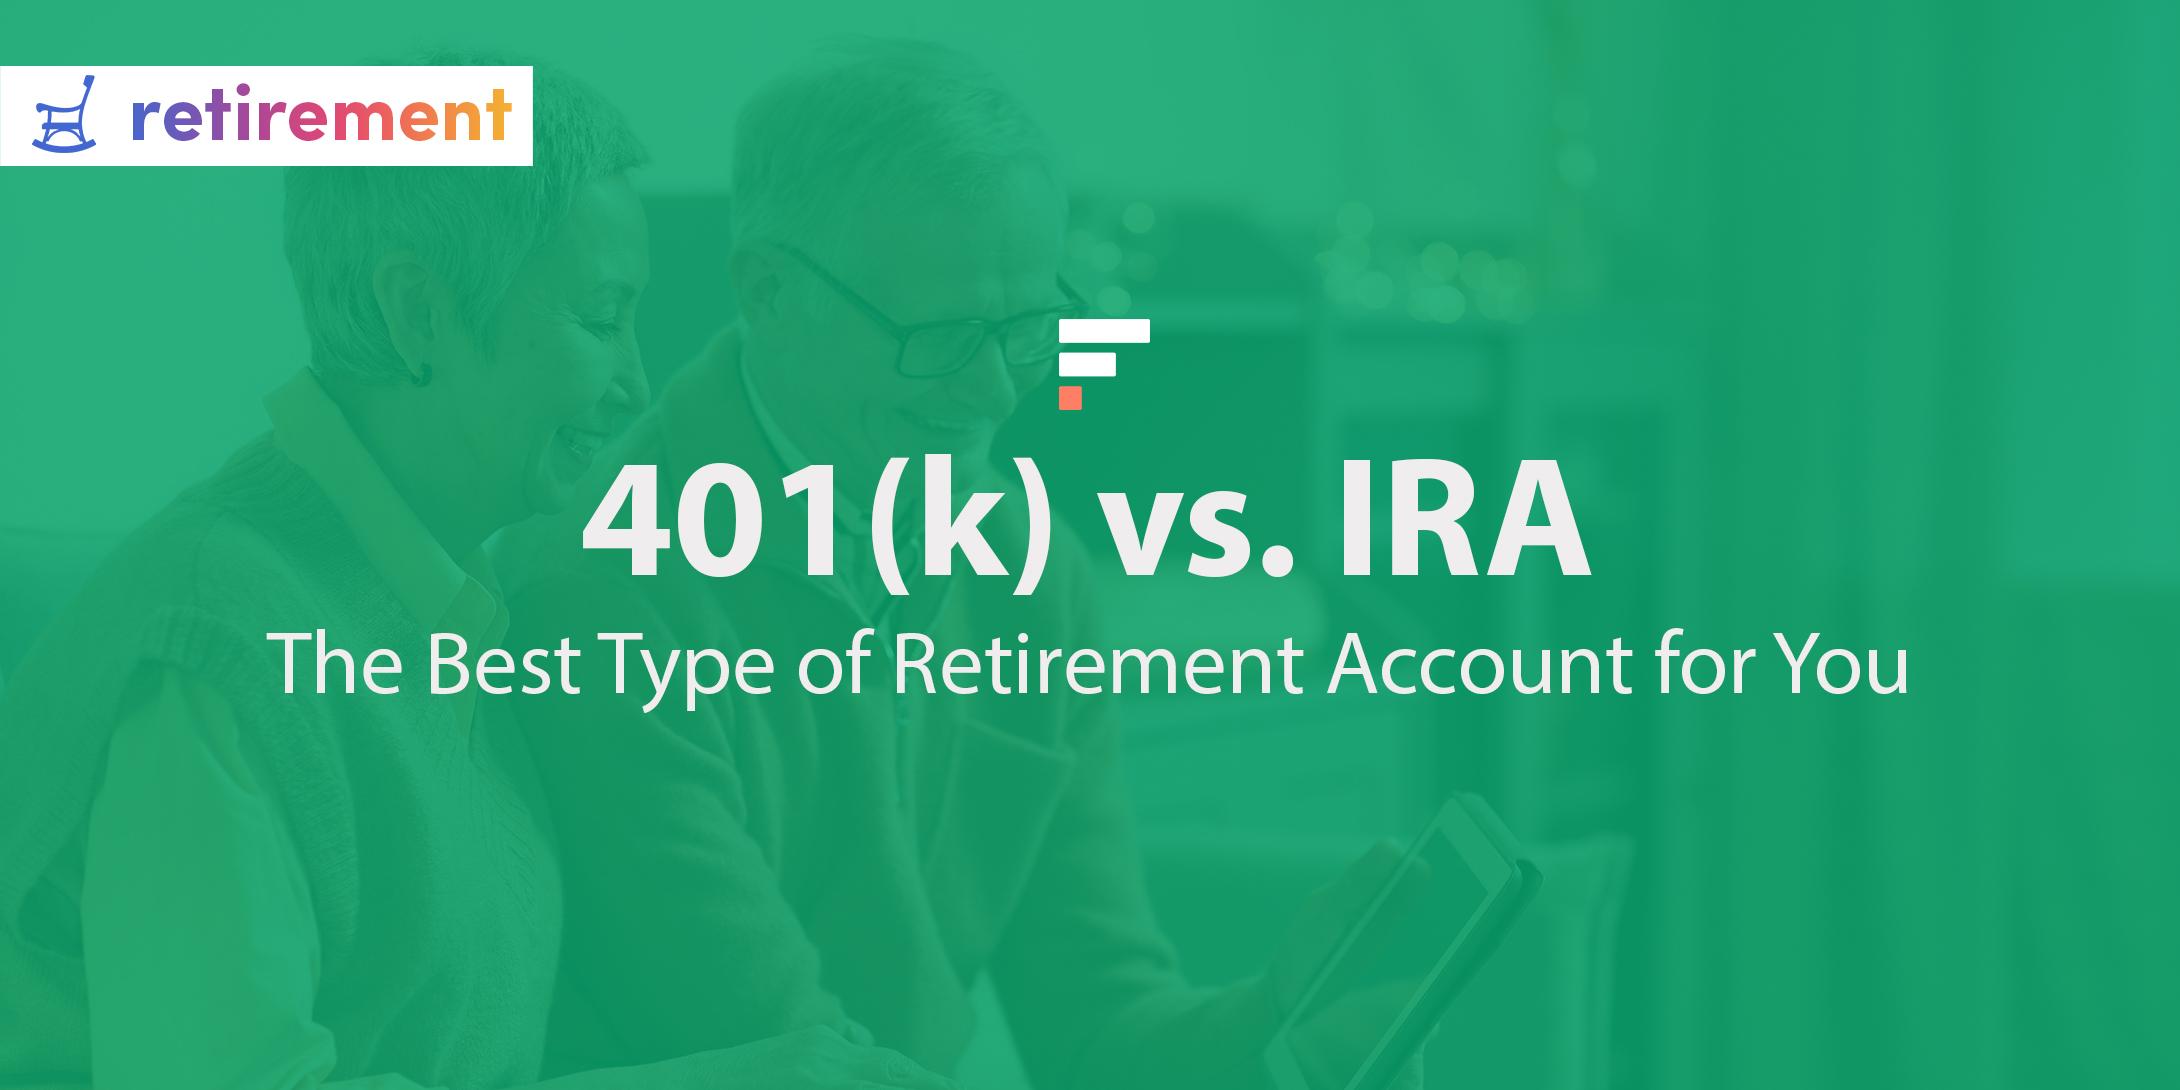 401(k) vs IRA